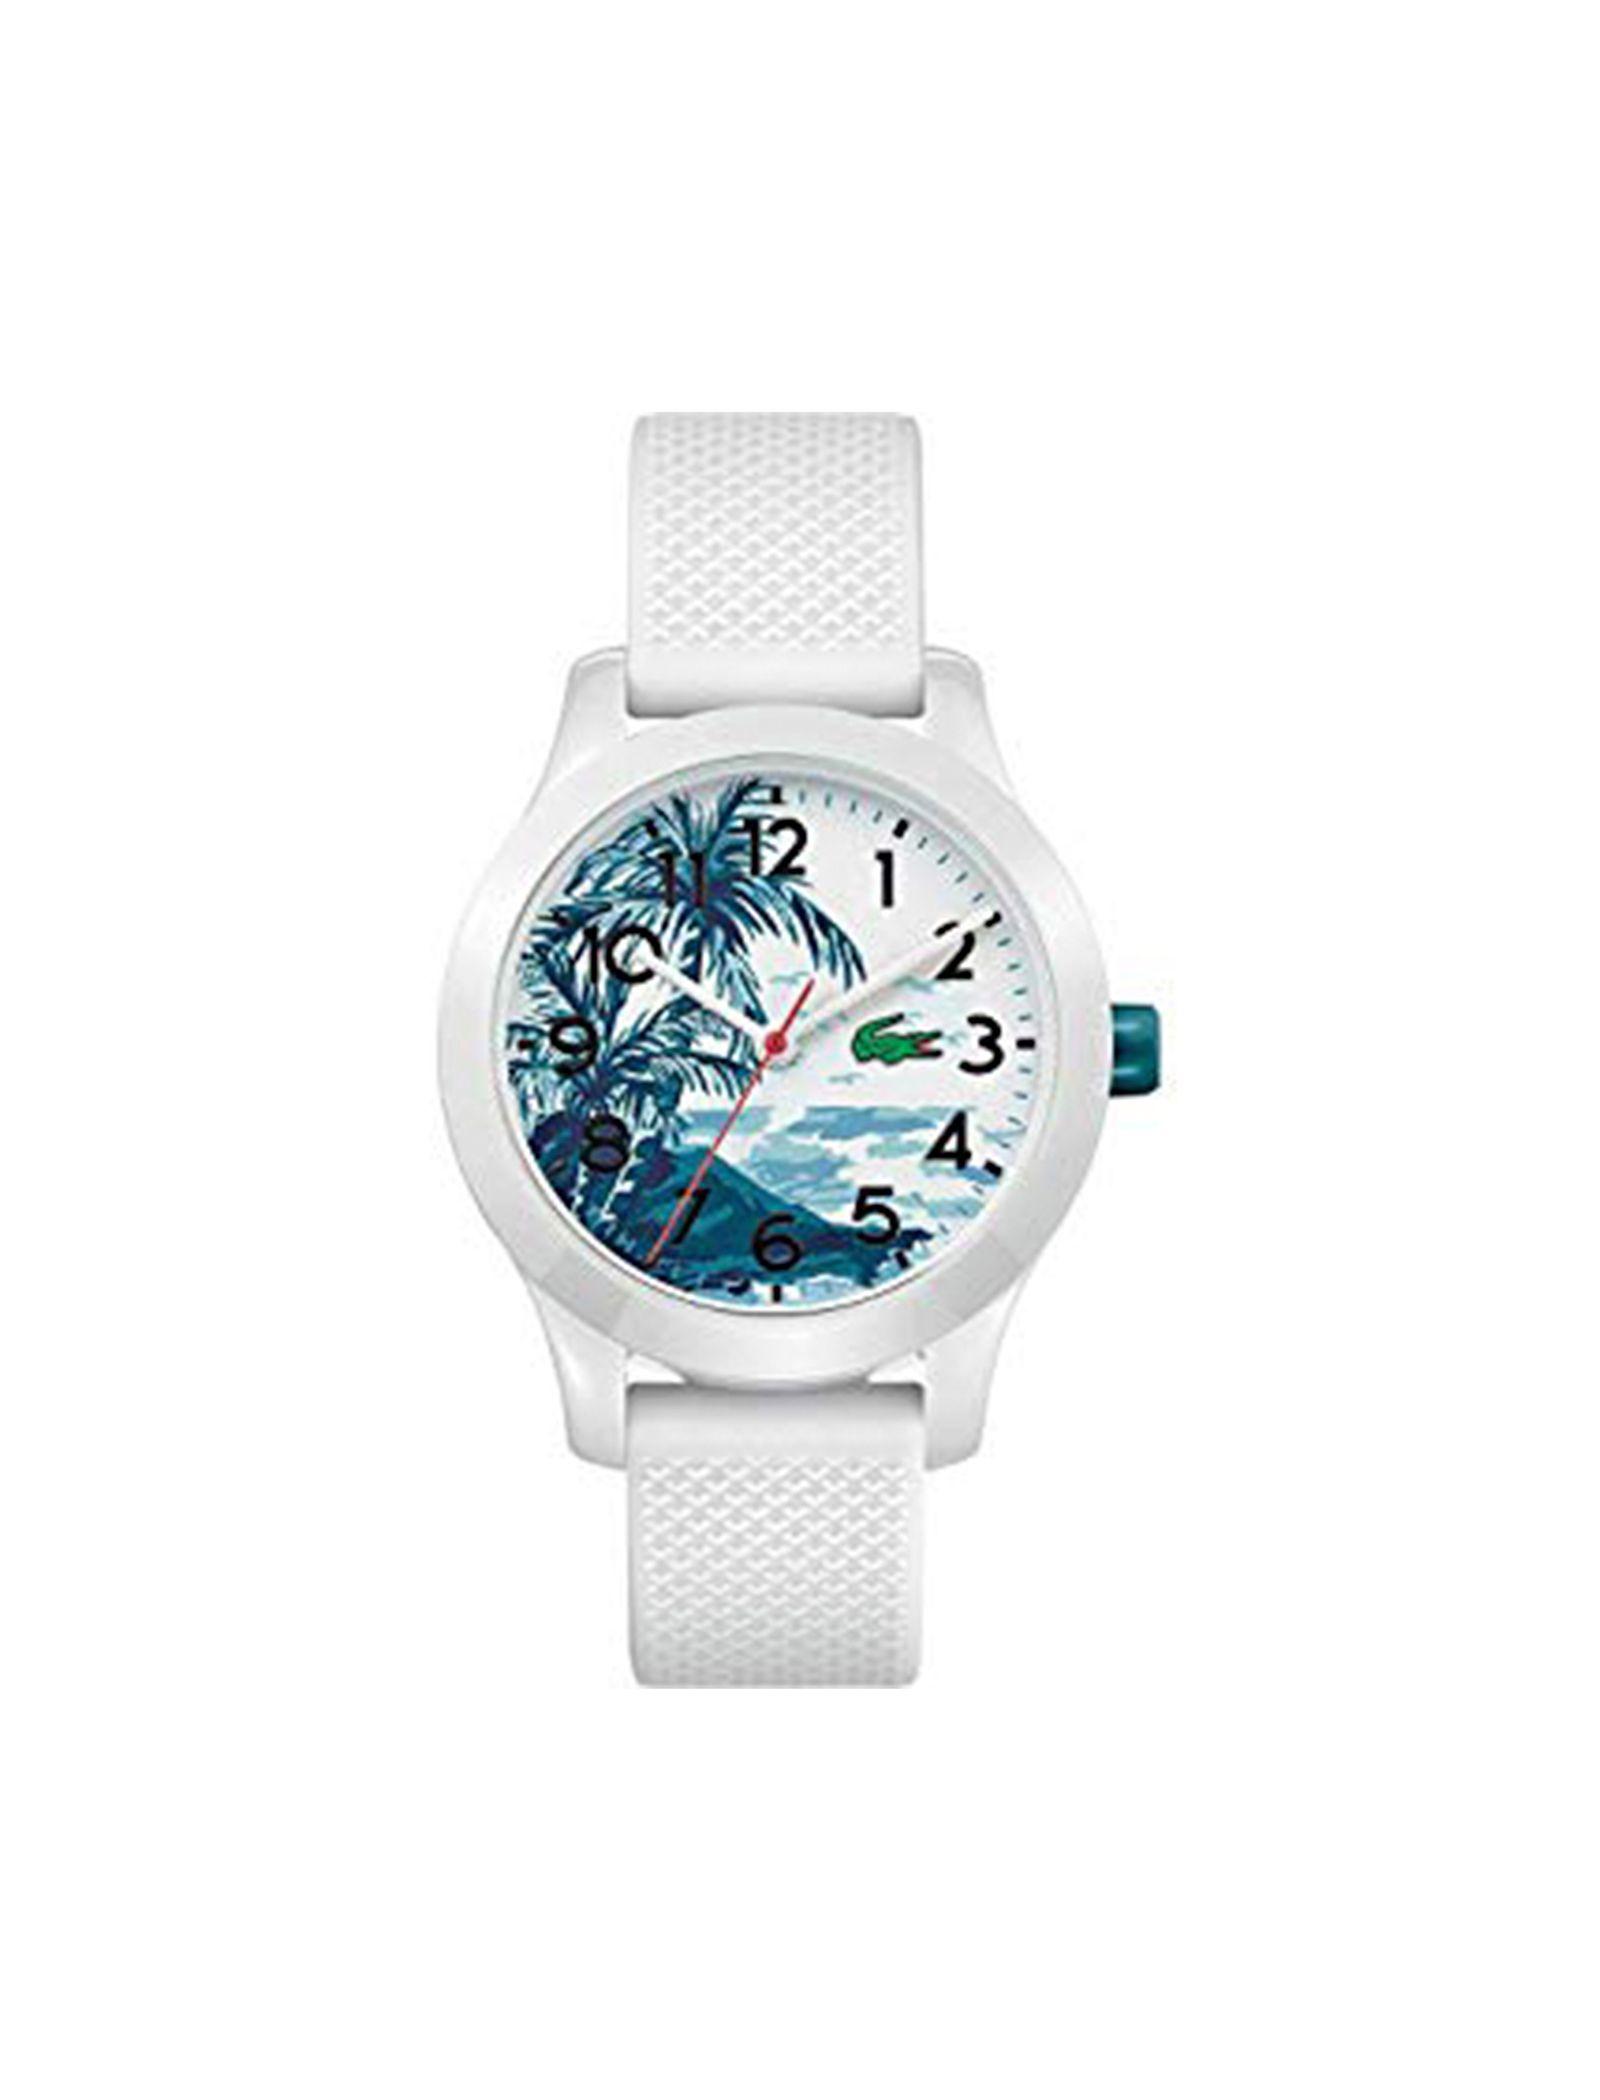 ساعت مچی عقربه ای بچگانه لاگوست مدل 2030017 - سفید - 1